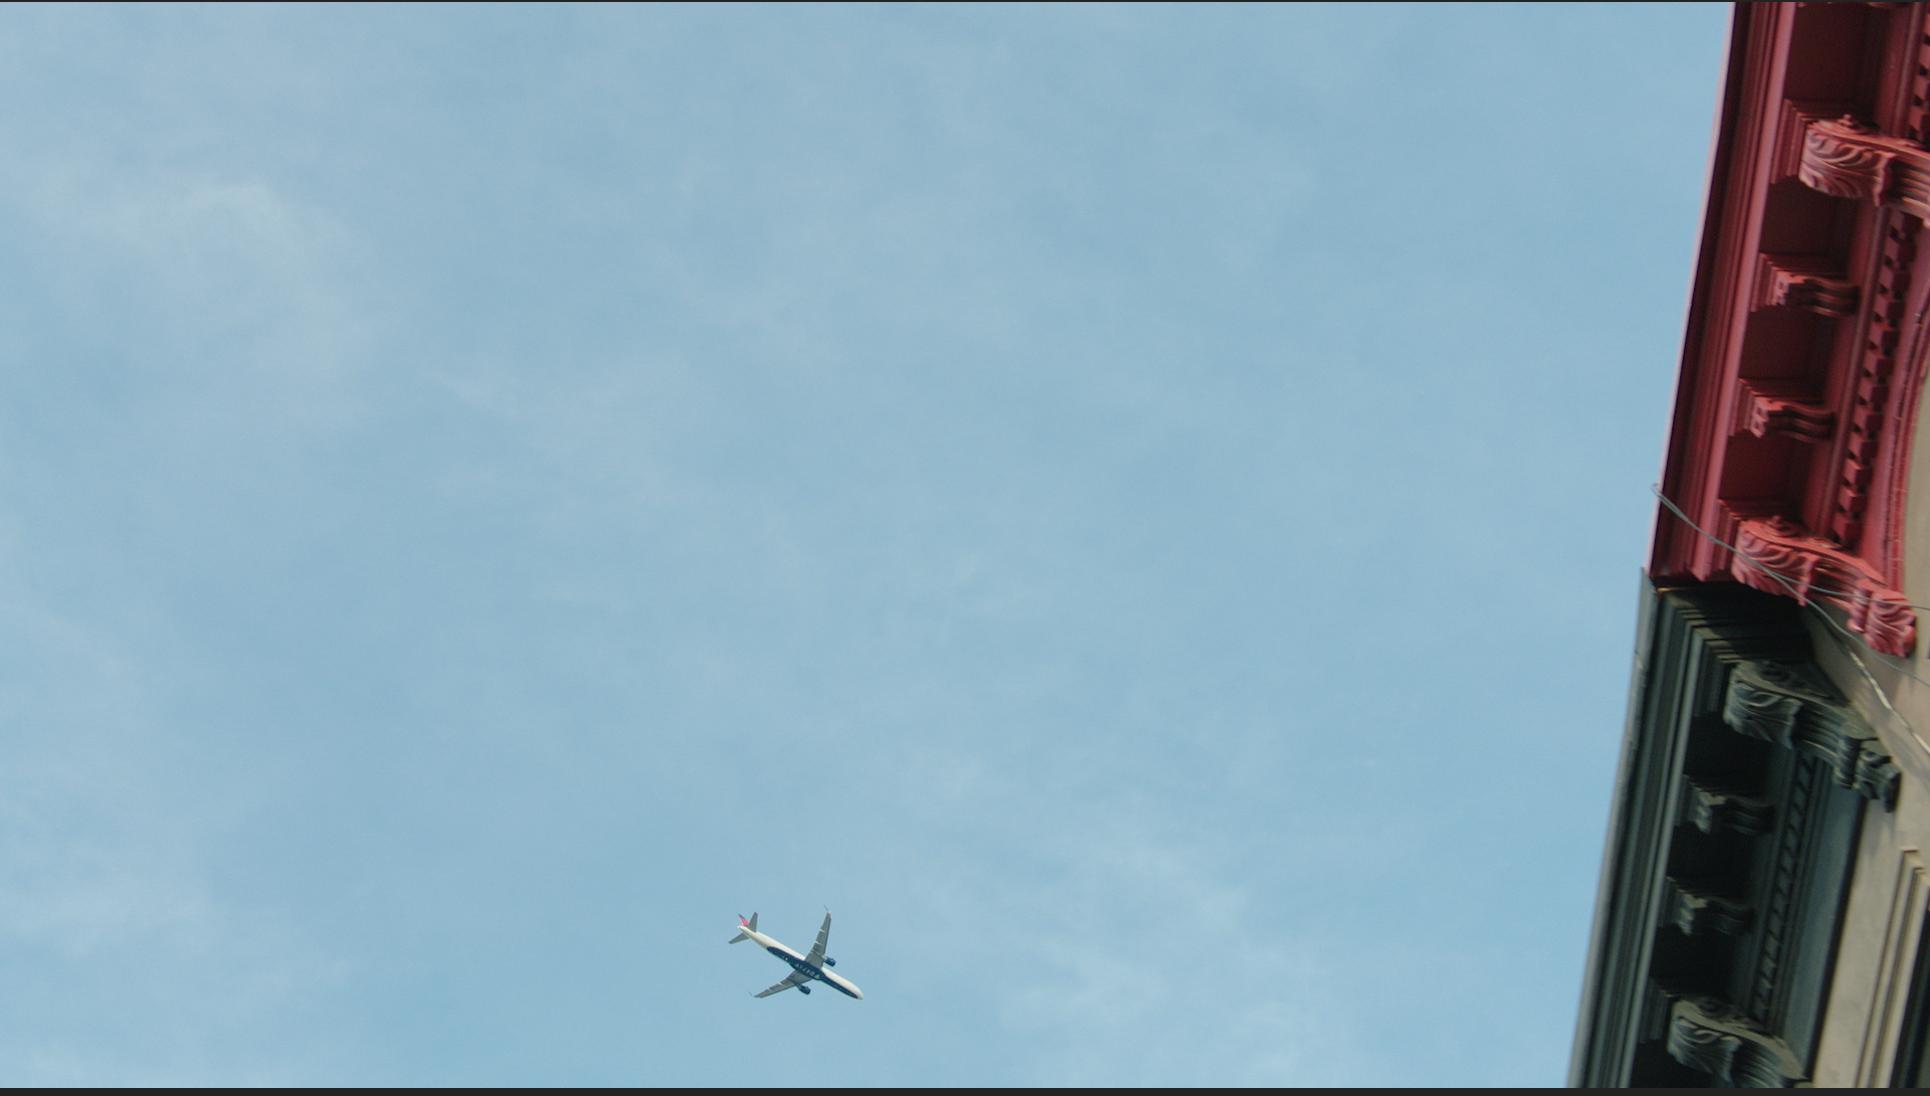 Screen Shot 2019-04-11 at 2.40.11 PM.png